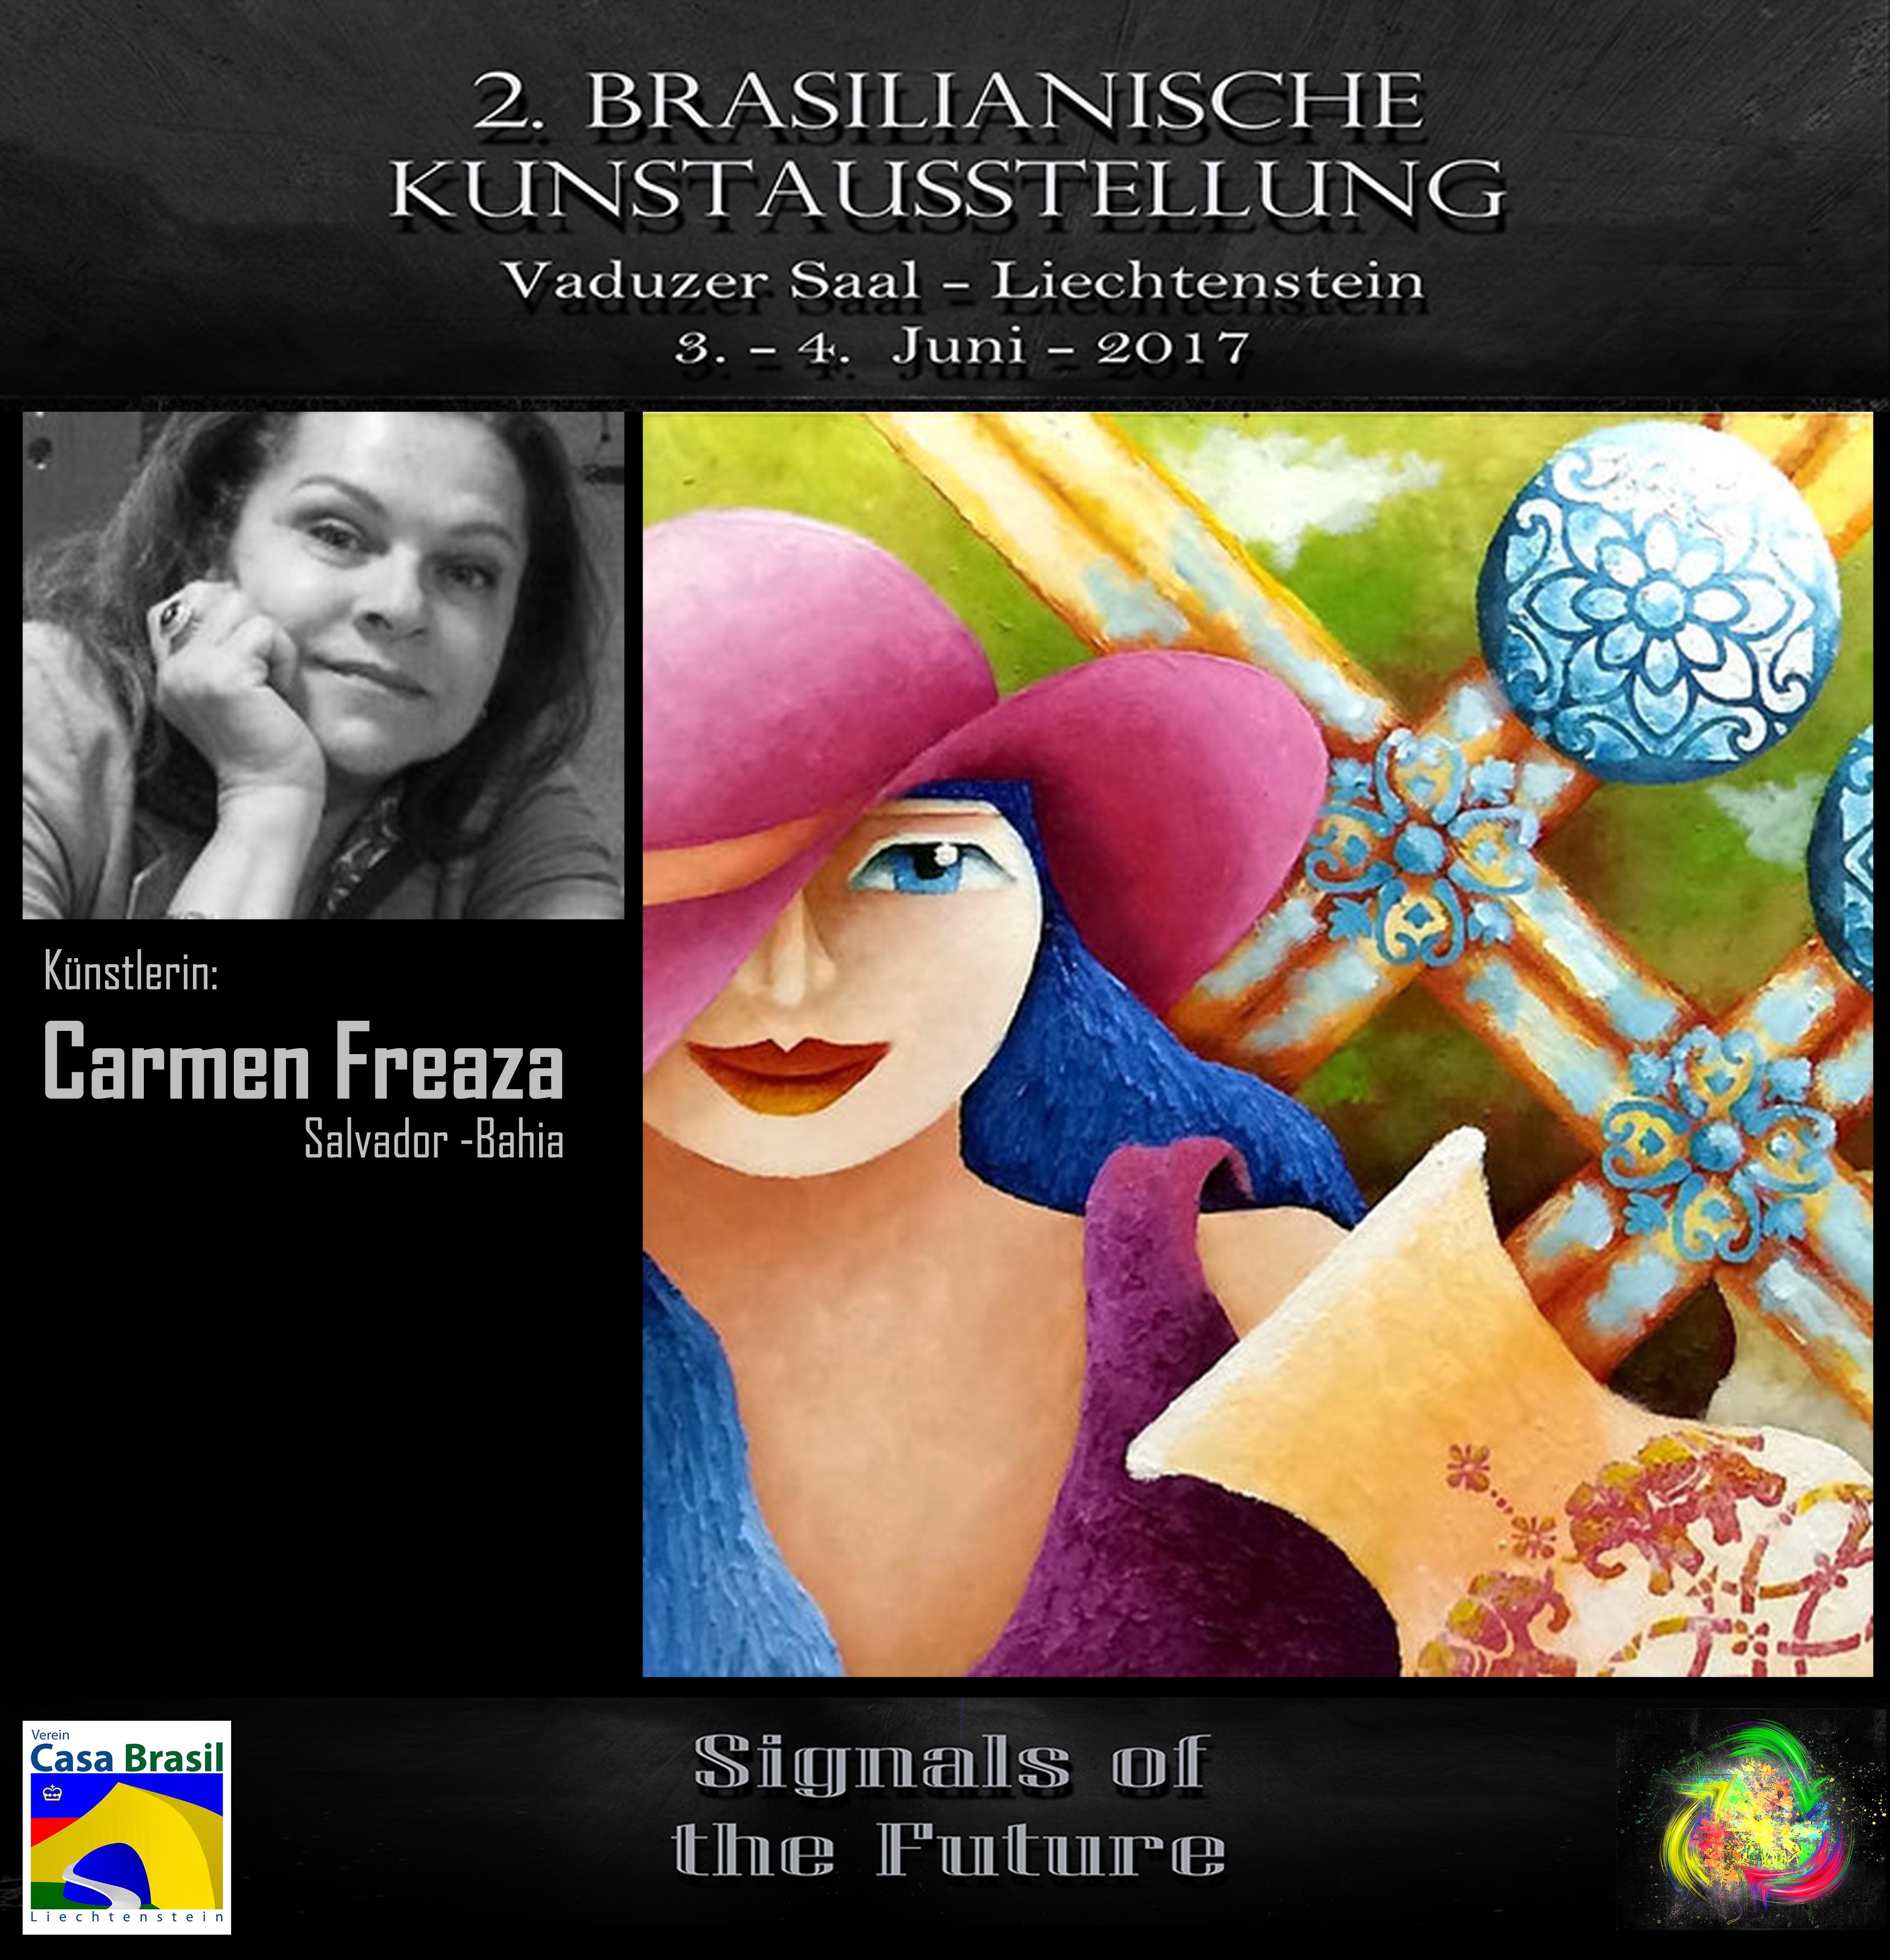 Carmen Freaza